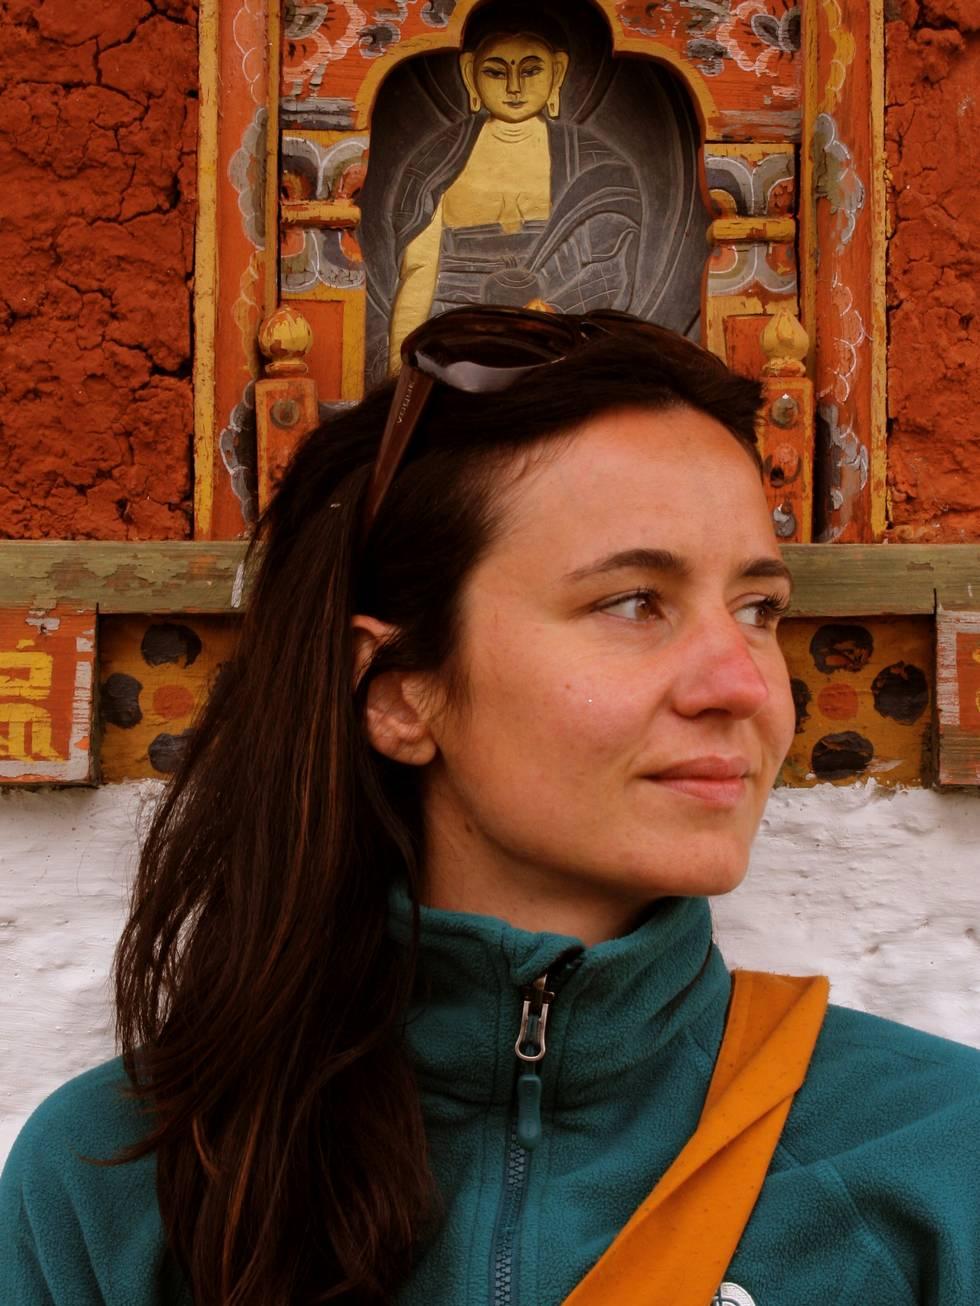 Alessandra Spataro (AlesS)